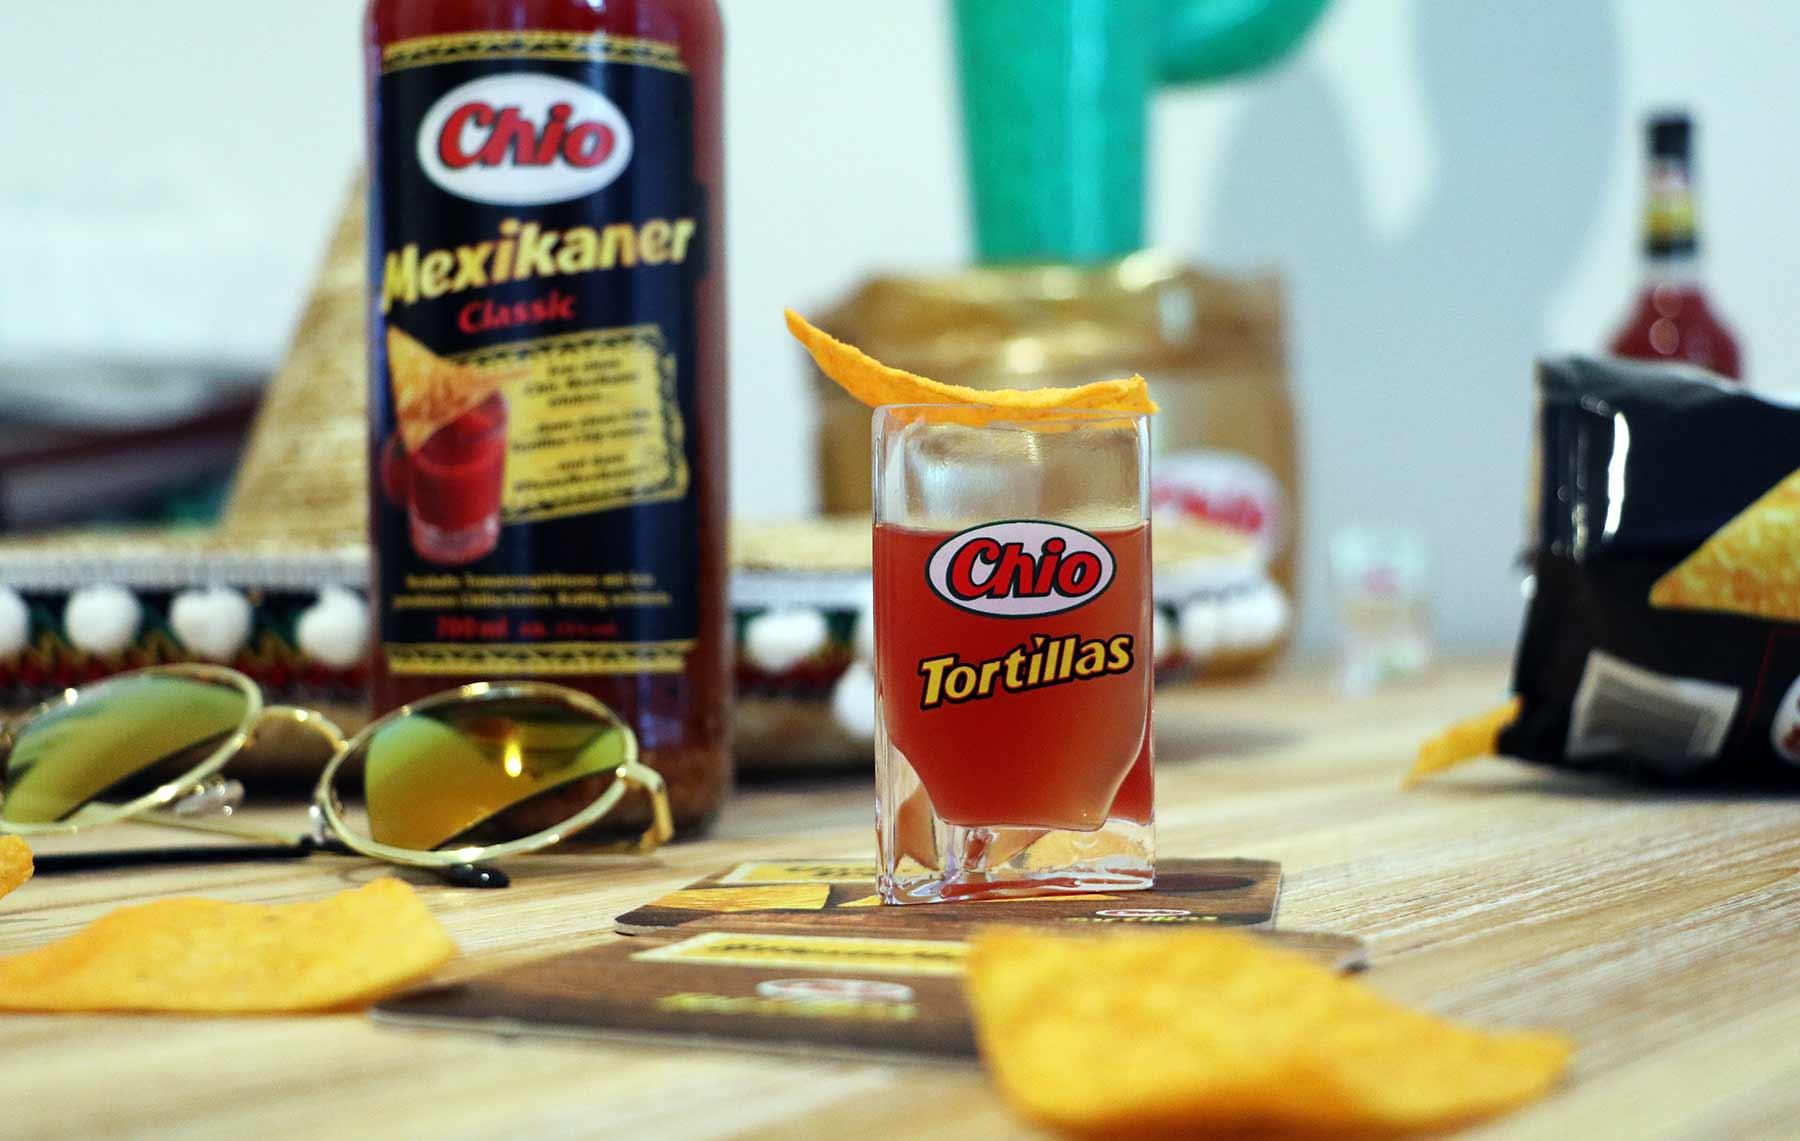 10 exklusive #FiestaMexikaner Party Packs von Chio zu gewinnen!